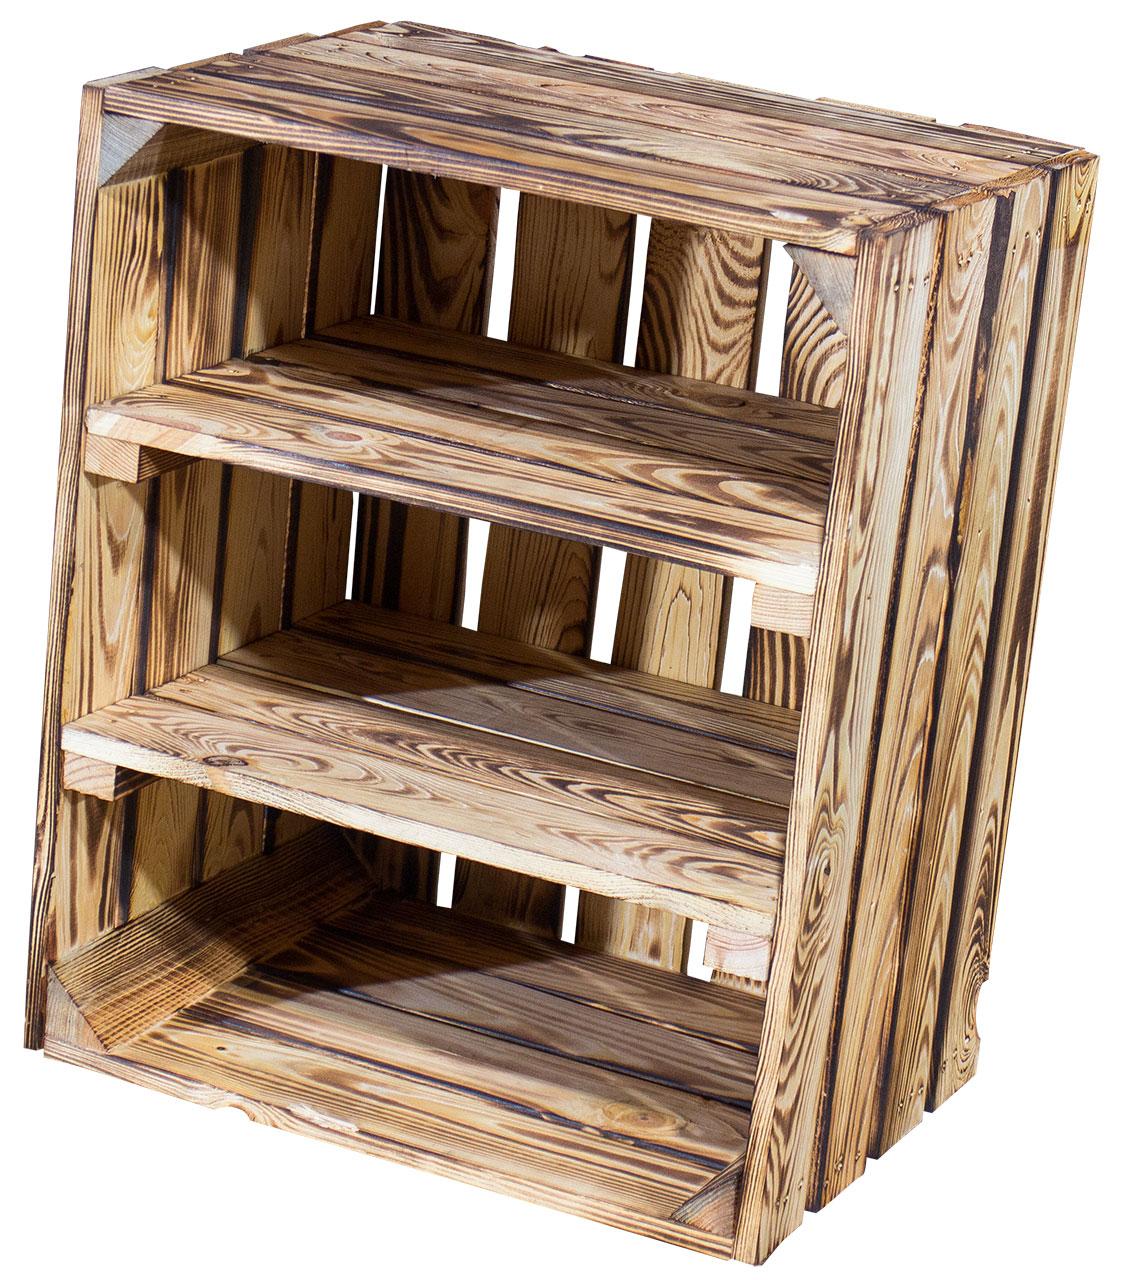 Geflammte Holzkiste mit 2 geflammten Mittelbrettern -quer- 50x40x30cm